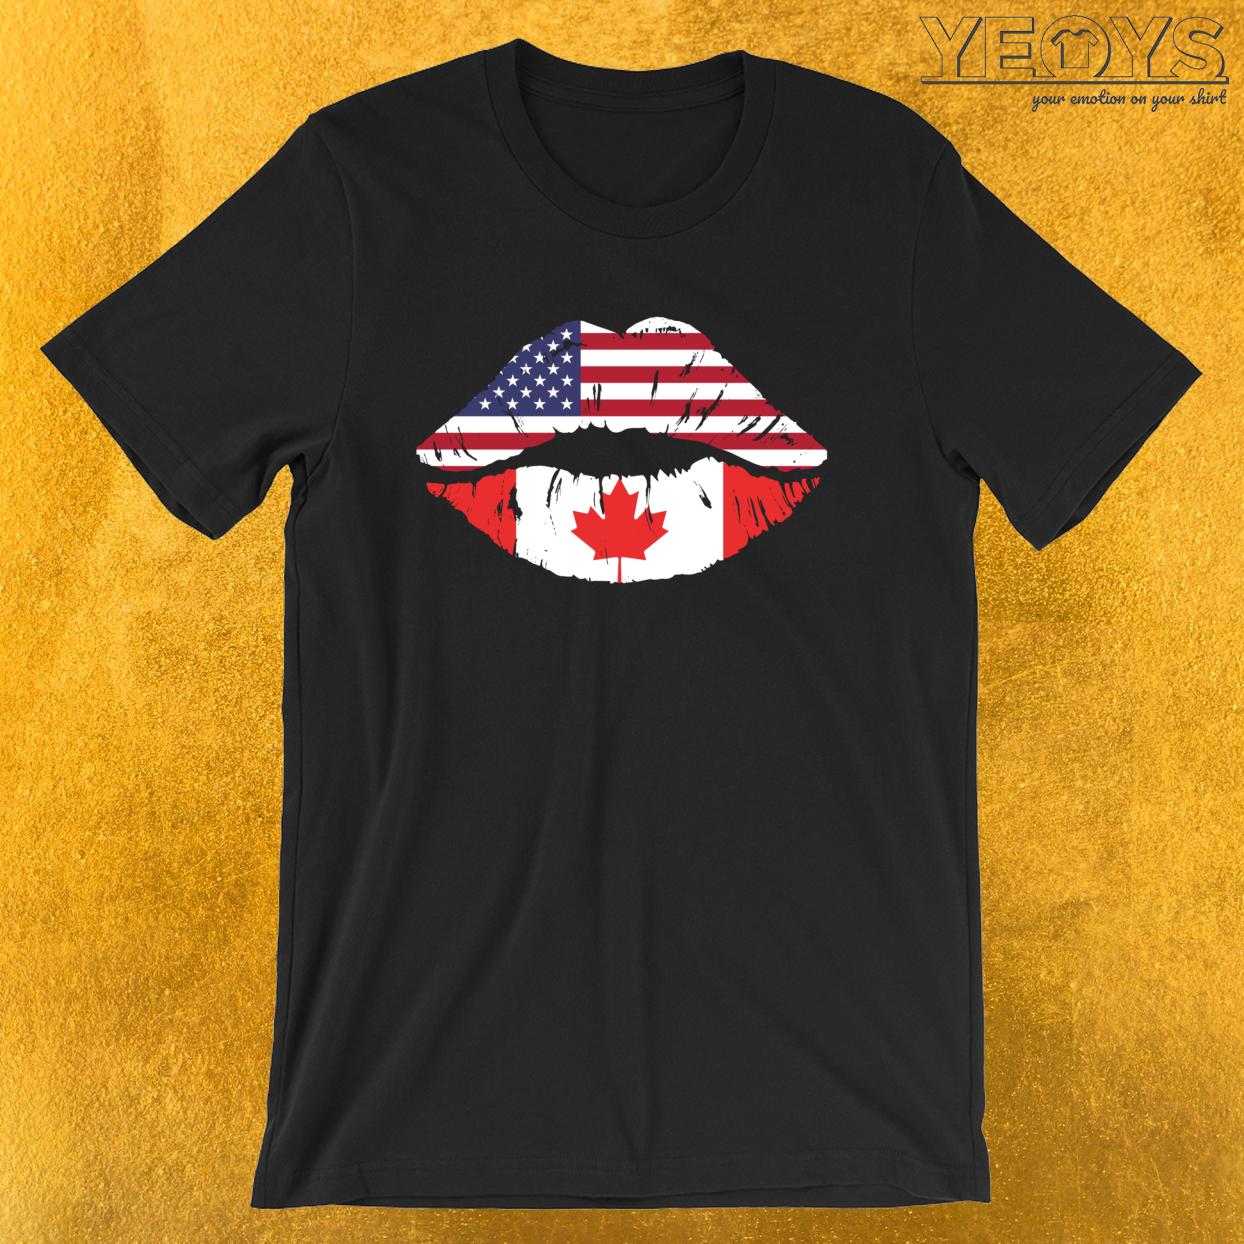 USA Canada Kiss – Dual Citizenship Tee